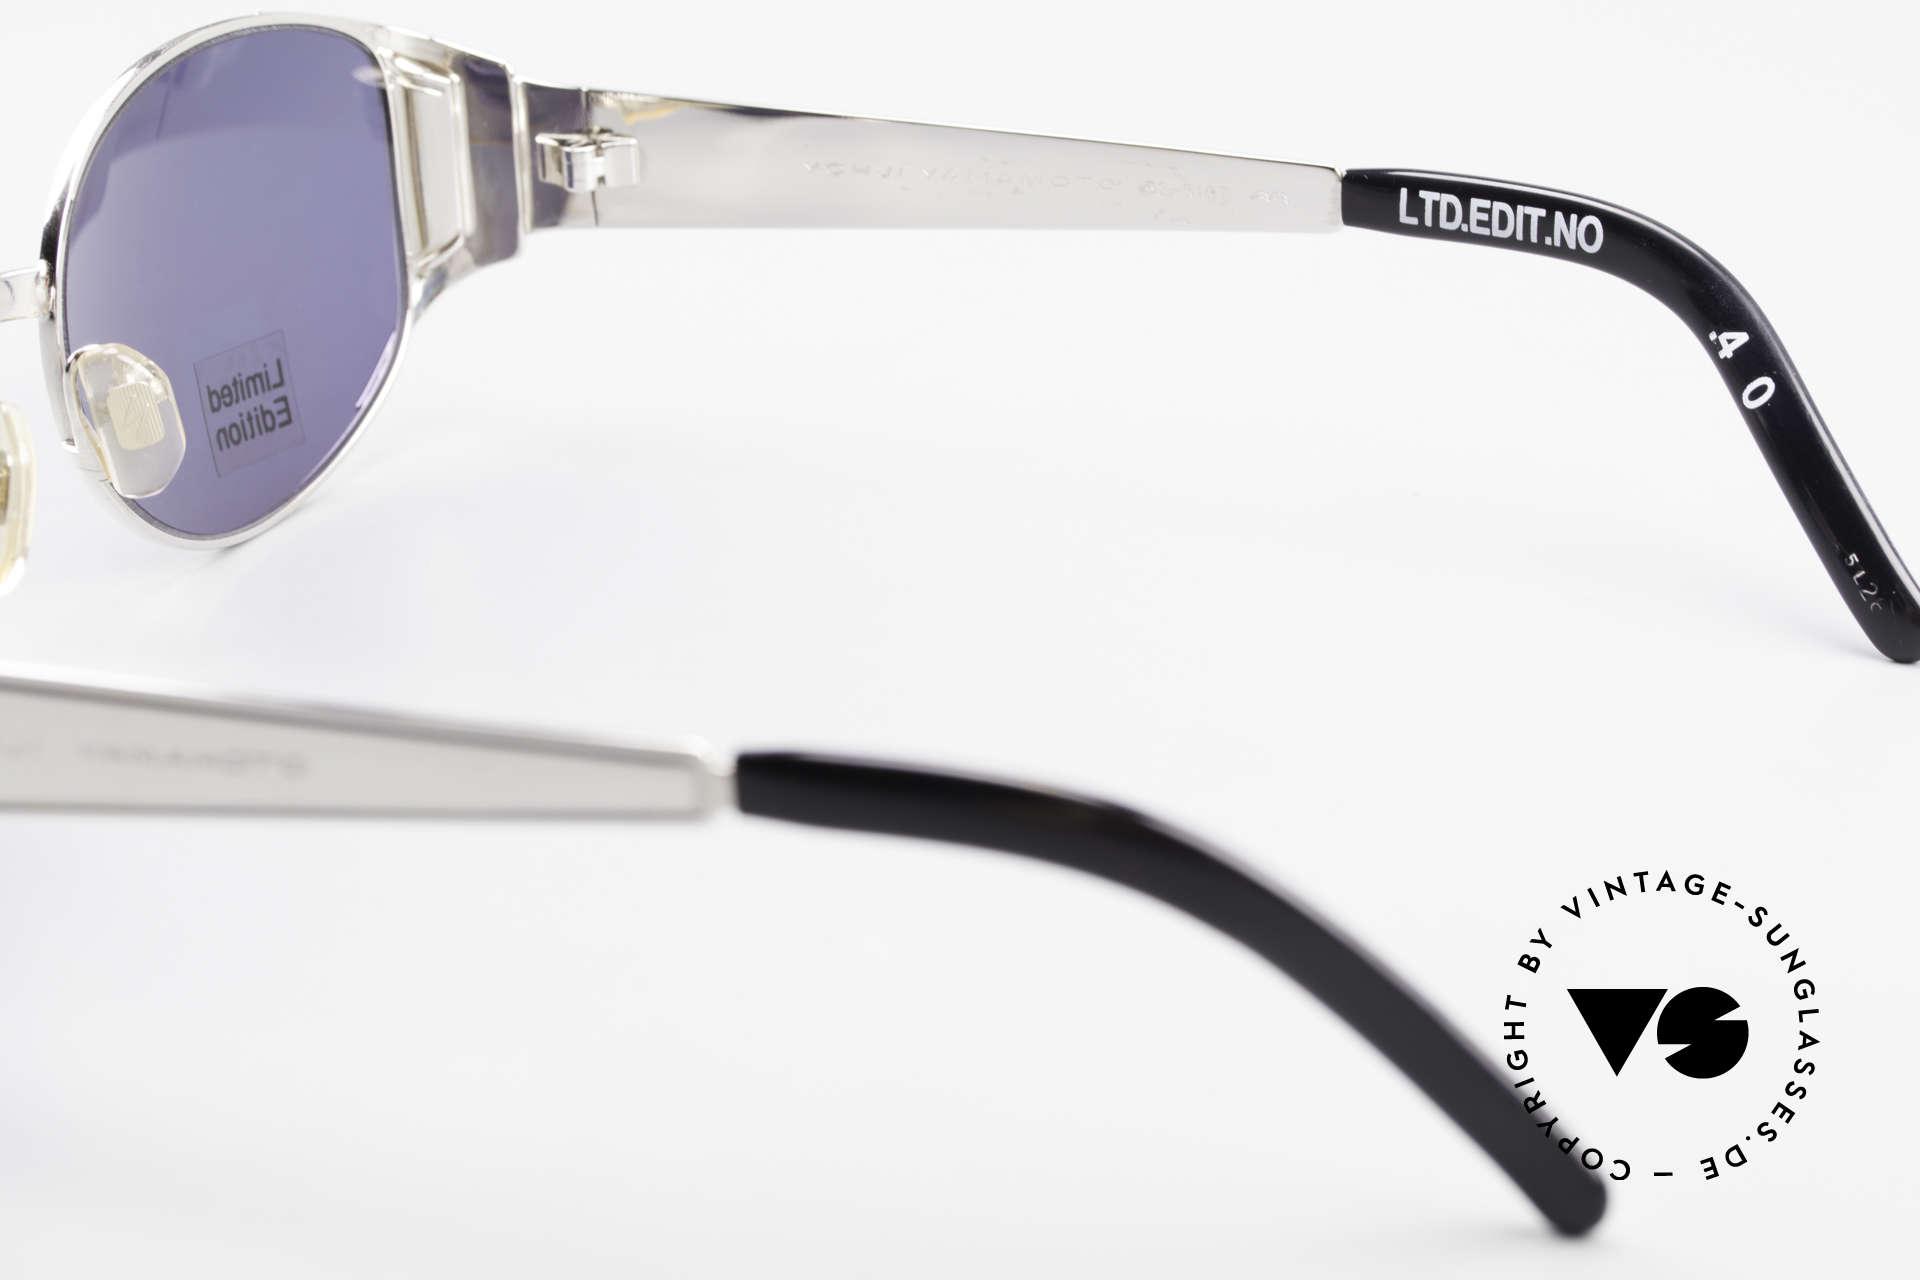 Yohji Yamamoto 52-5107 Limitierte Avantgarde Brille, KEINE Retromode; sondern ein Yamamoto 90er ORIGINAL, Passend für Herren und Damen